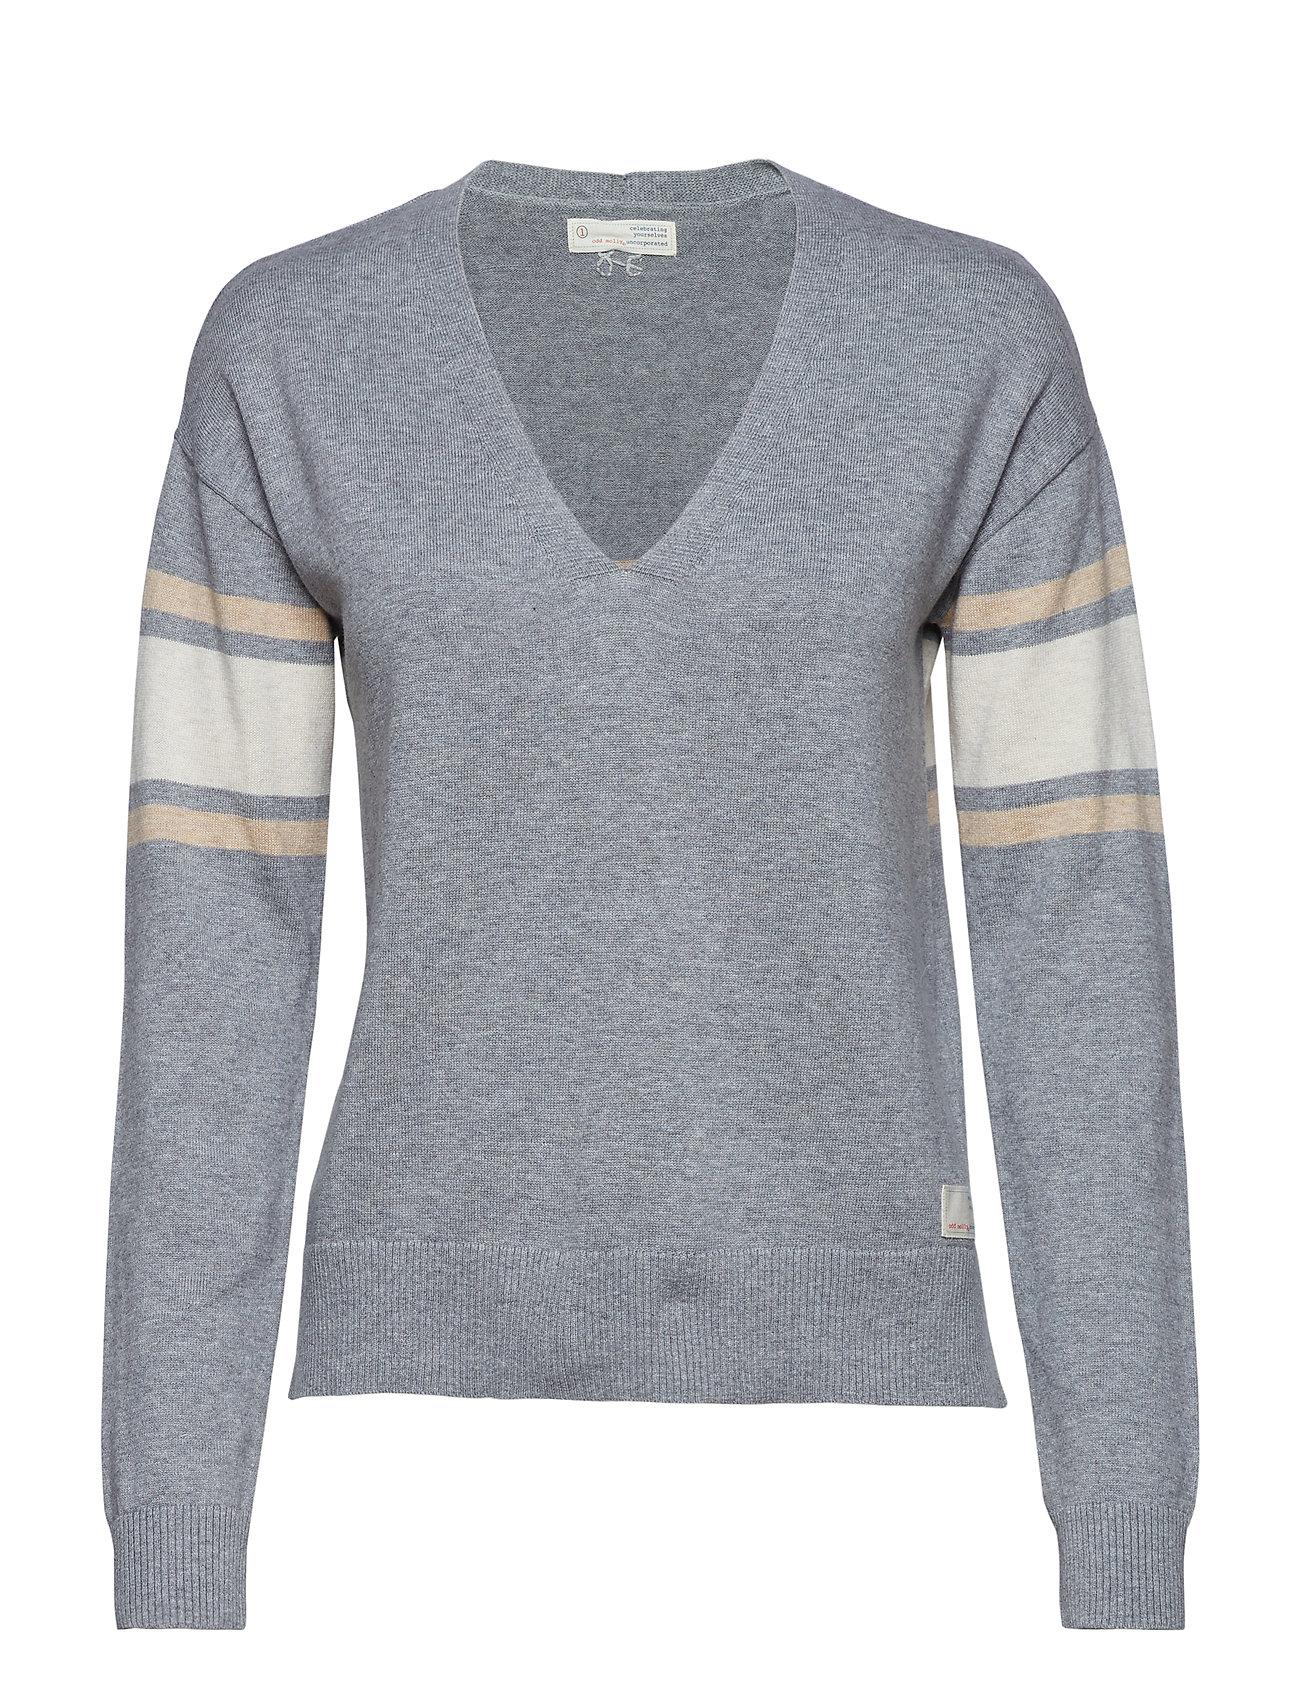 ODD MOLLY borderlands v-neck sweater - GREY MELANGE